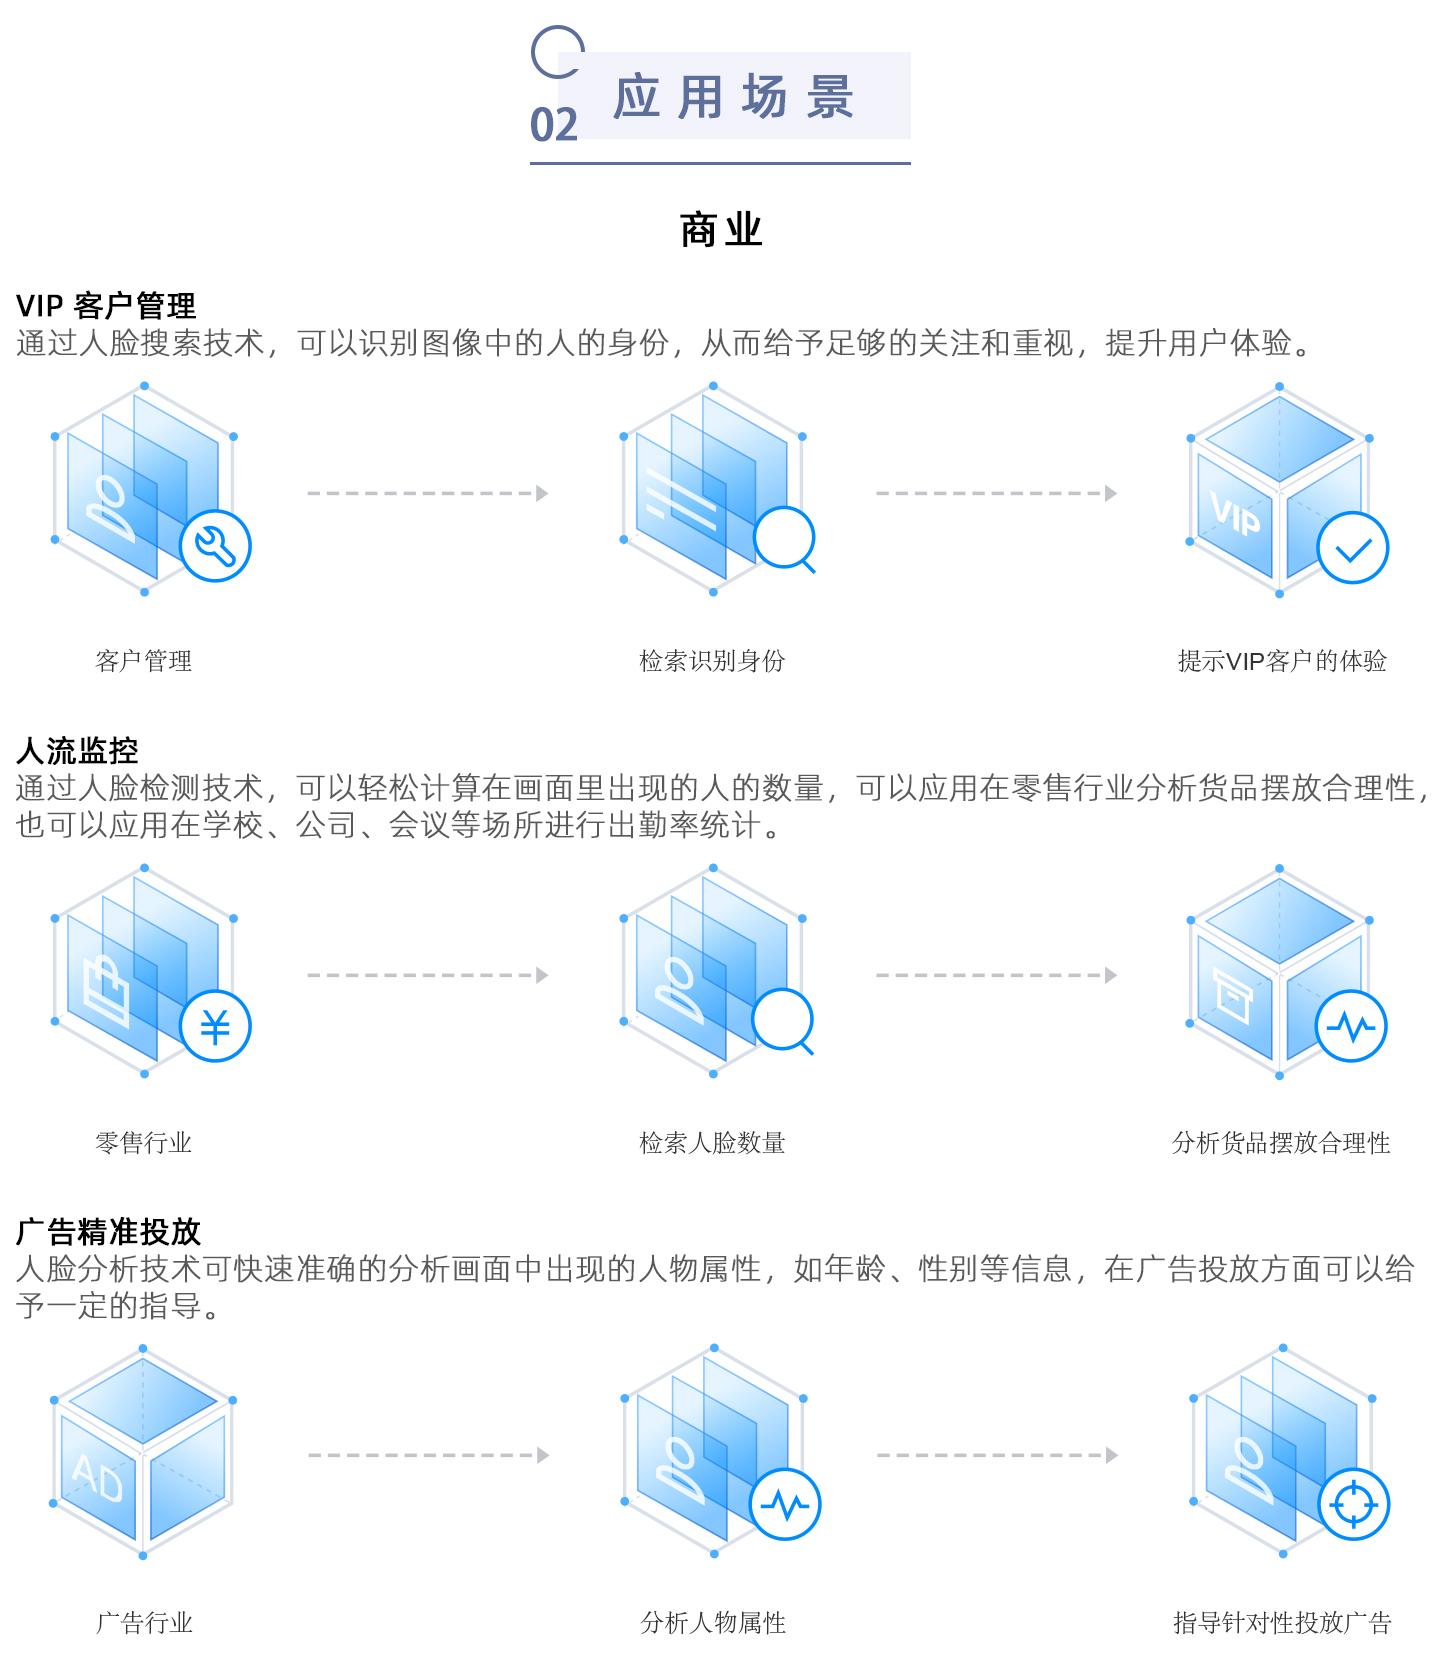 人脸识别1440_03.jpg